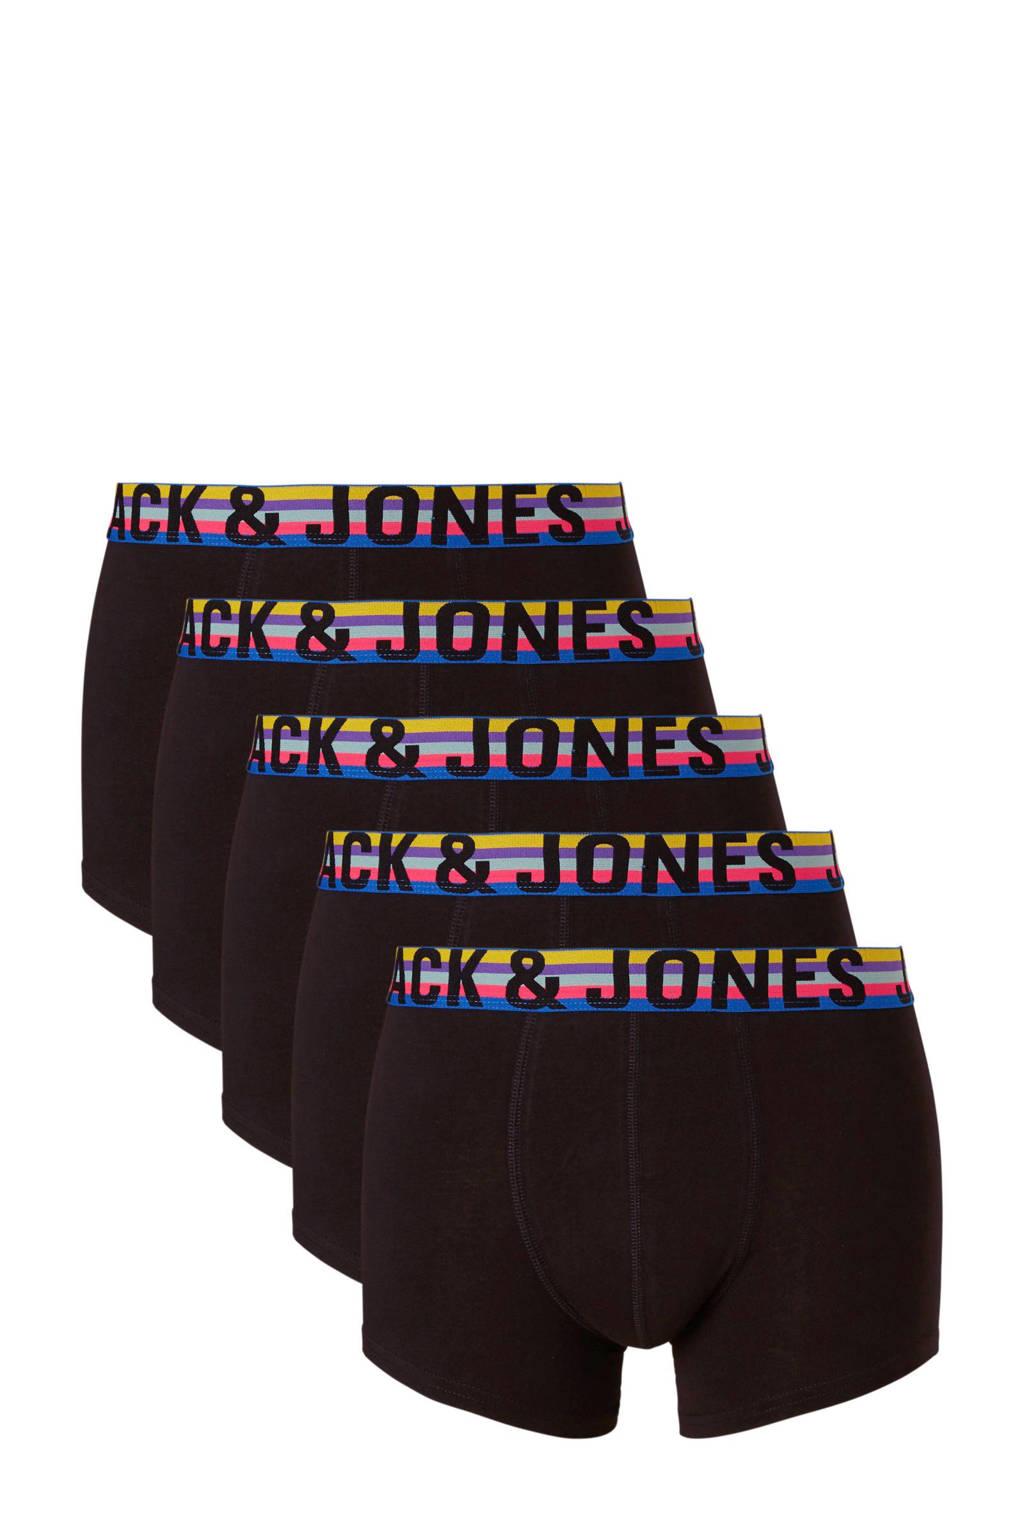 JACK & JONES boxershort (set van 5), Zwart